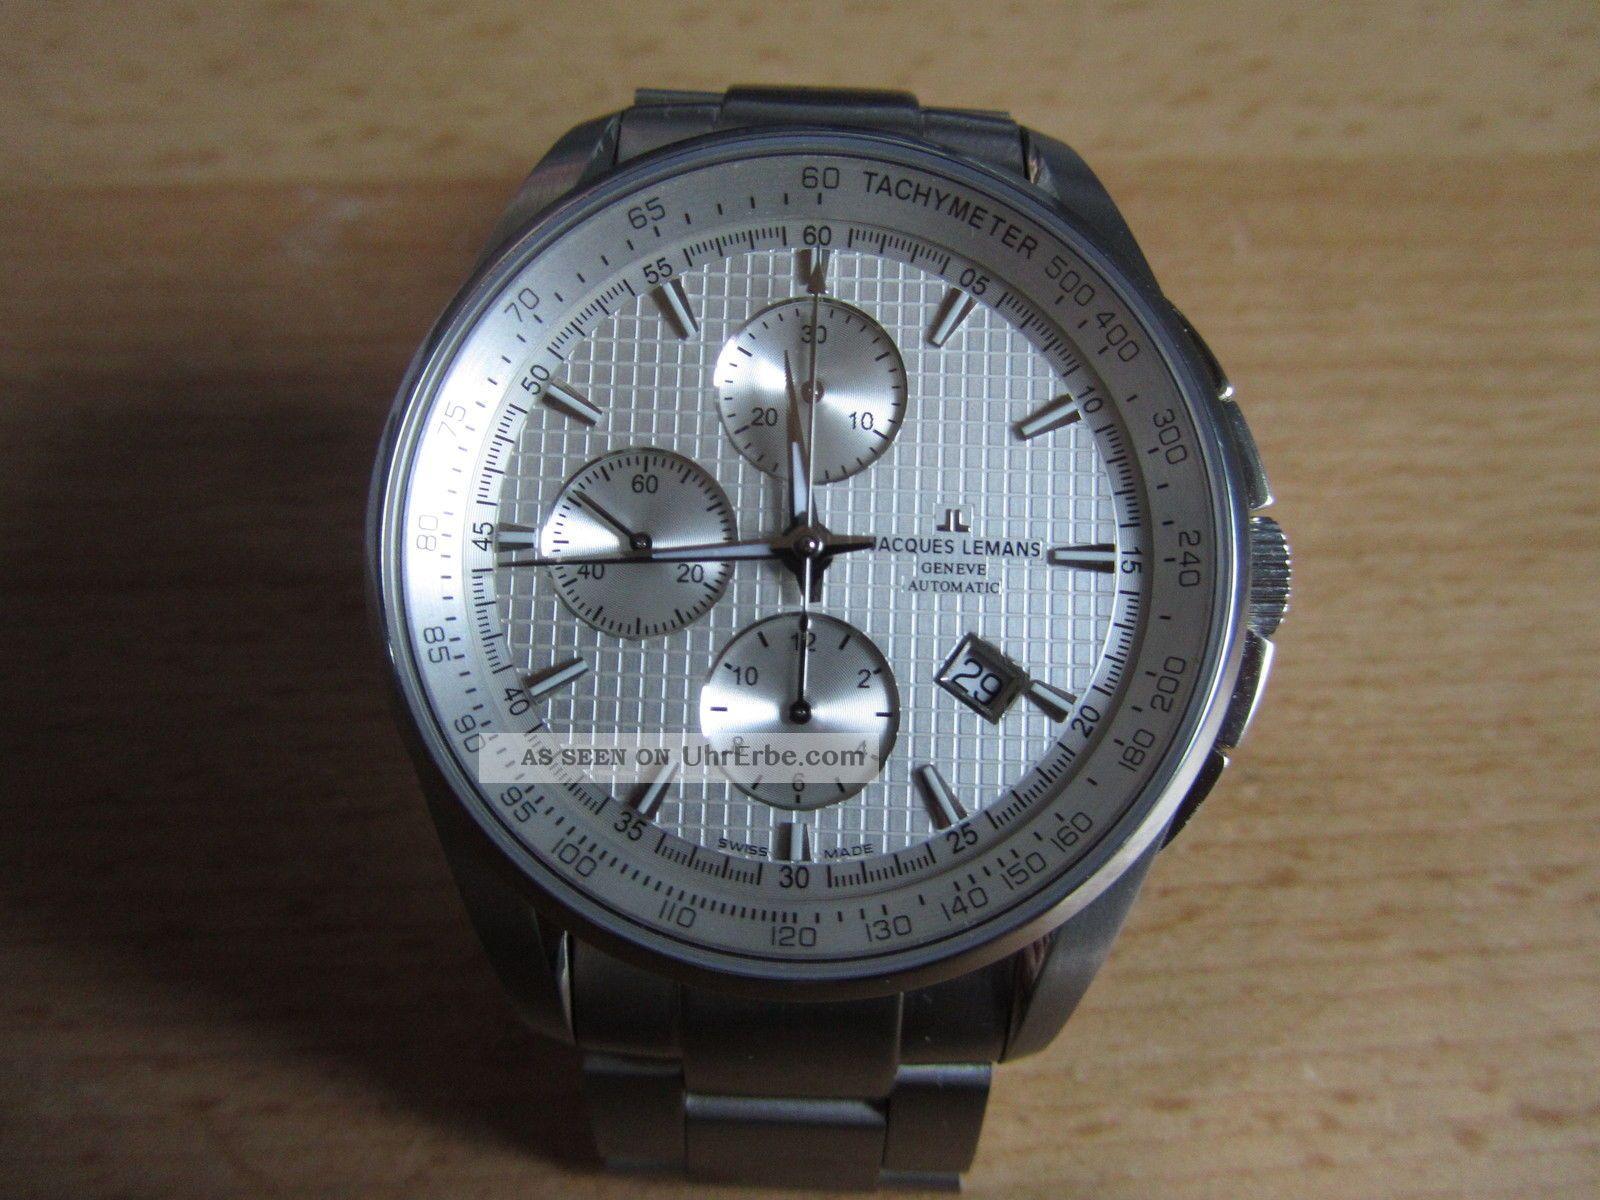 Jacques Lemans Geneve Chronograph,  Valjoux 7750,  Top Armbanduhren Bild